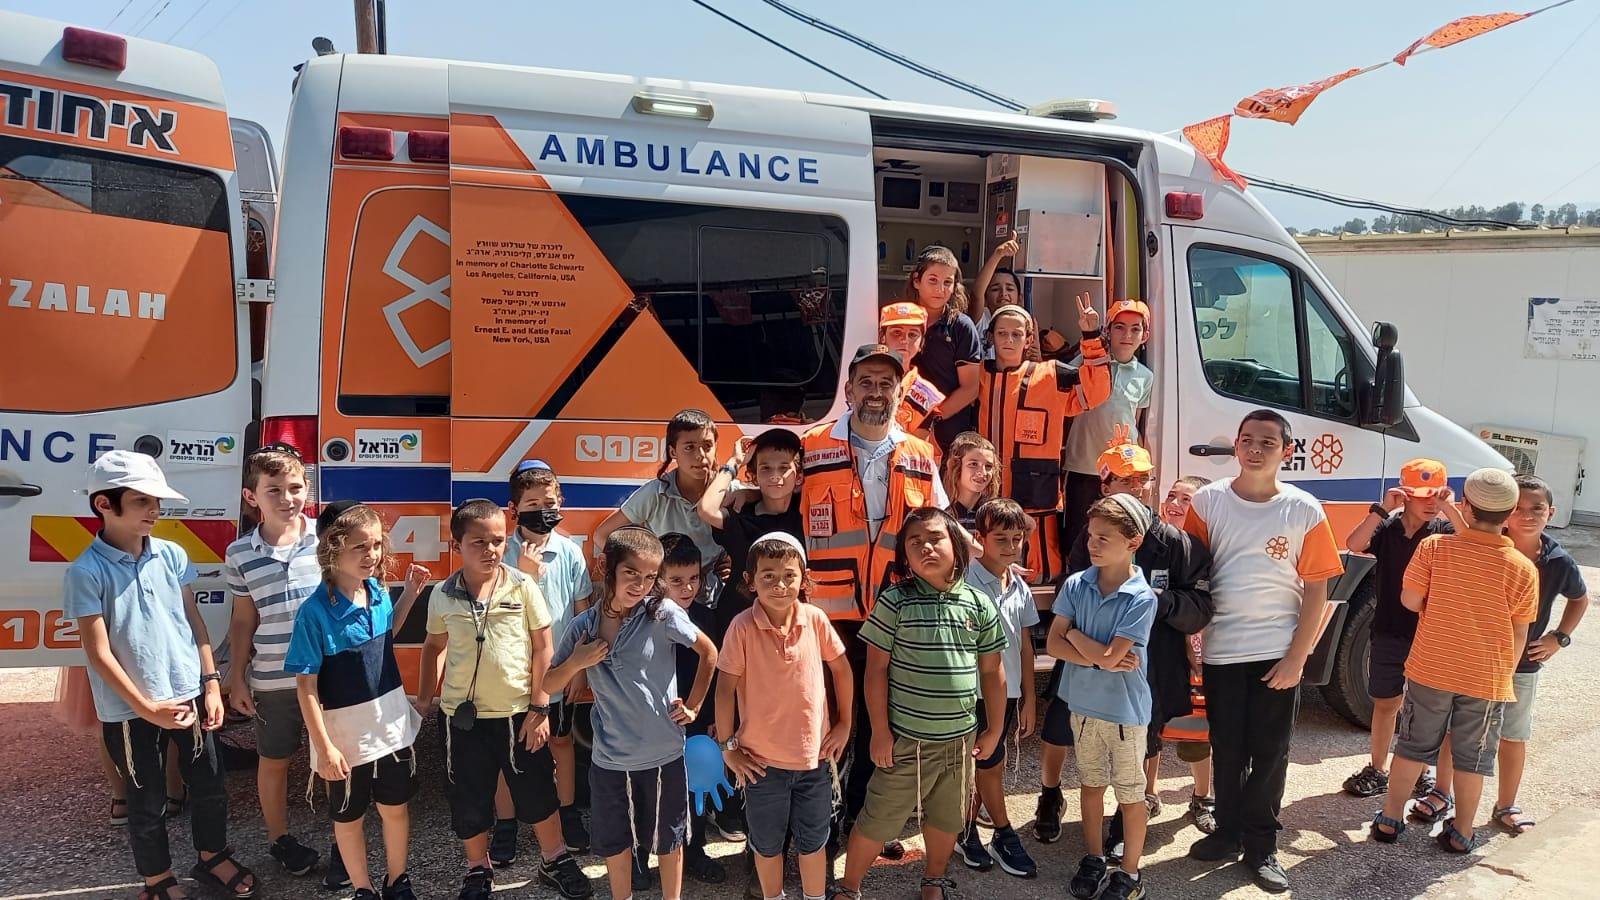 מתנדבי איחוד והצלה סניף עמק החולה  בפעילות קהילתית בבית הספר תלמוד תורה בקריית שמונה